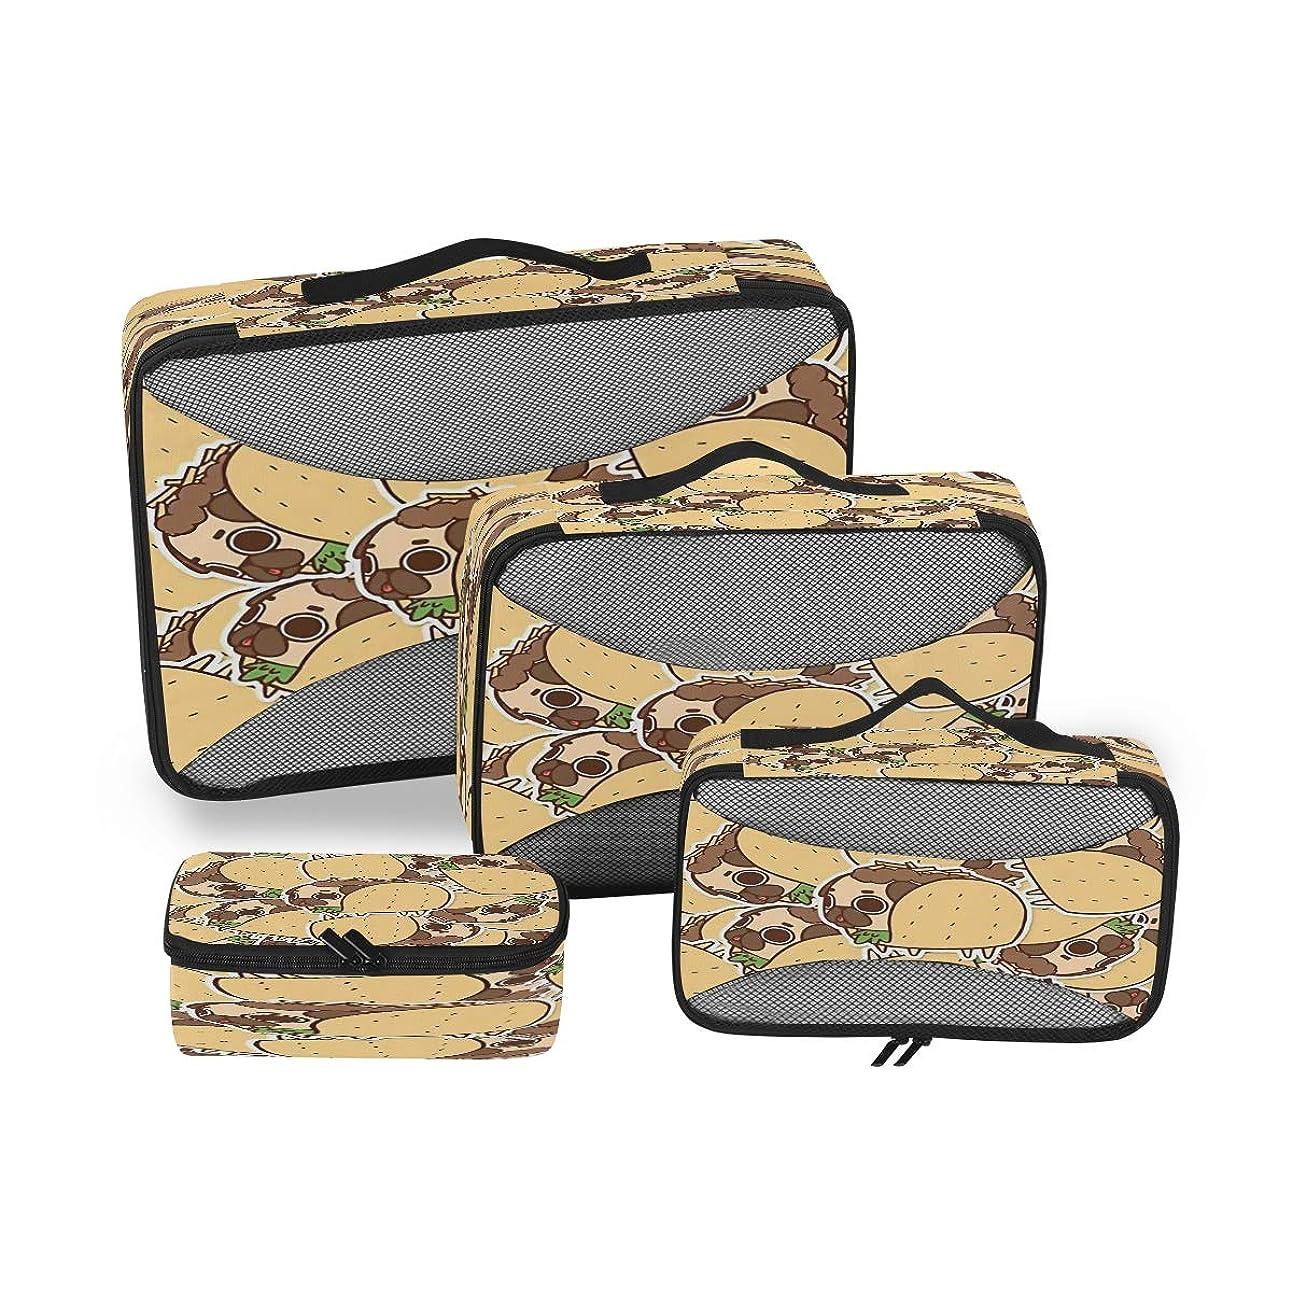 ふけるフォージ大破トラベルポーチ 犬 お尻 アレンジケース?パッキングキューブ 収納袋セット 旅行用品 インナーケース トイレタリーバッグ 便利グッズ 軽量 大容量 スーツケース整理 衣類収納 洗面用具入れ 4点セット